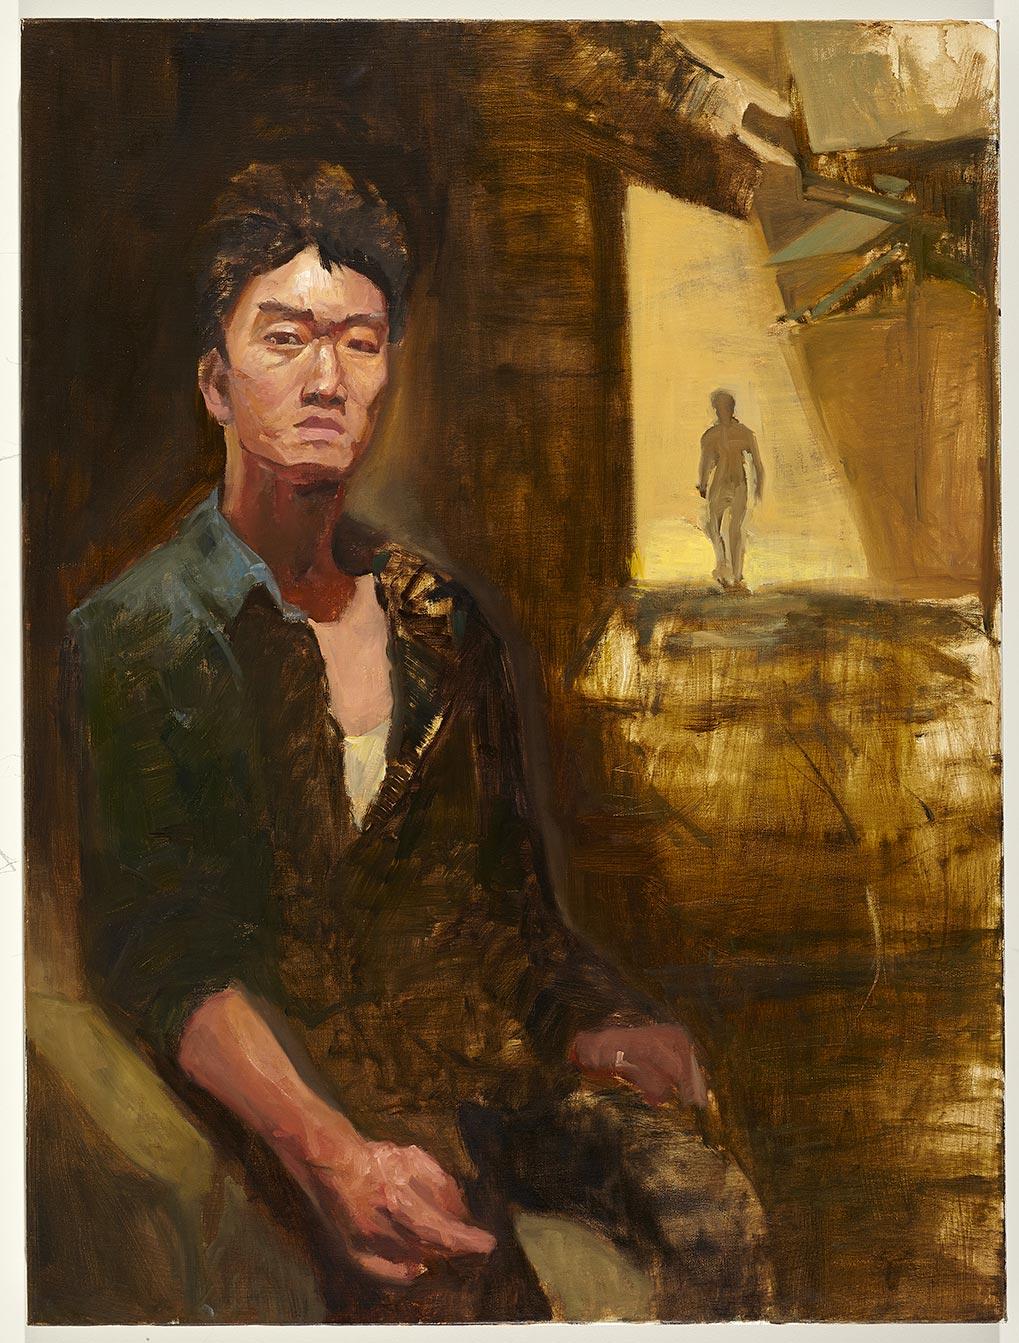 Chen Cao - Contingency